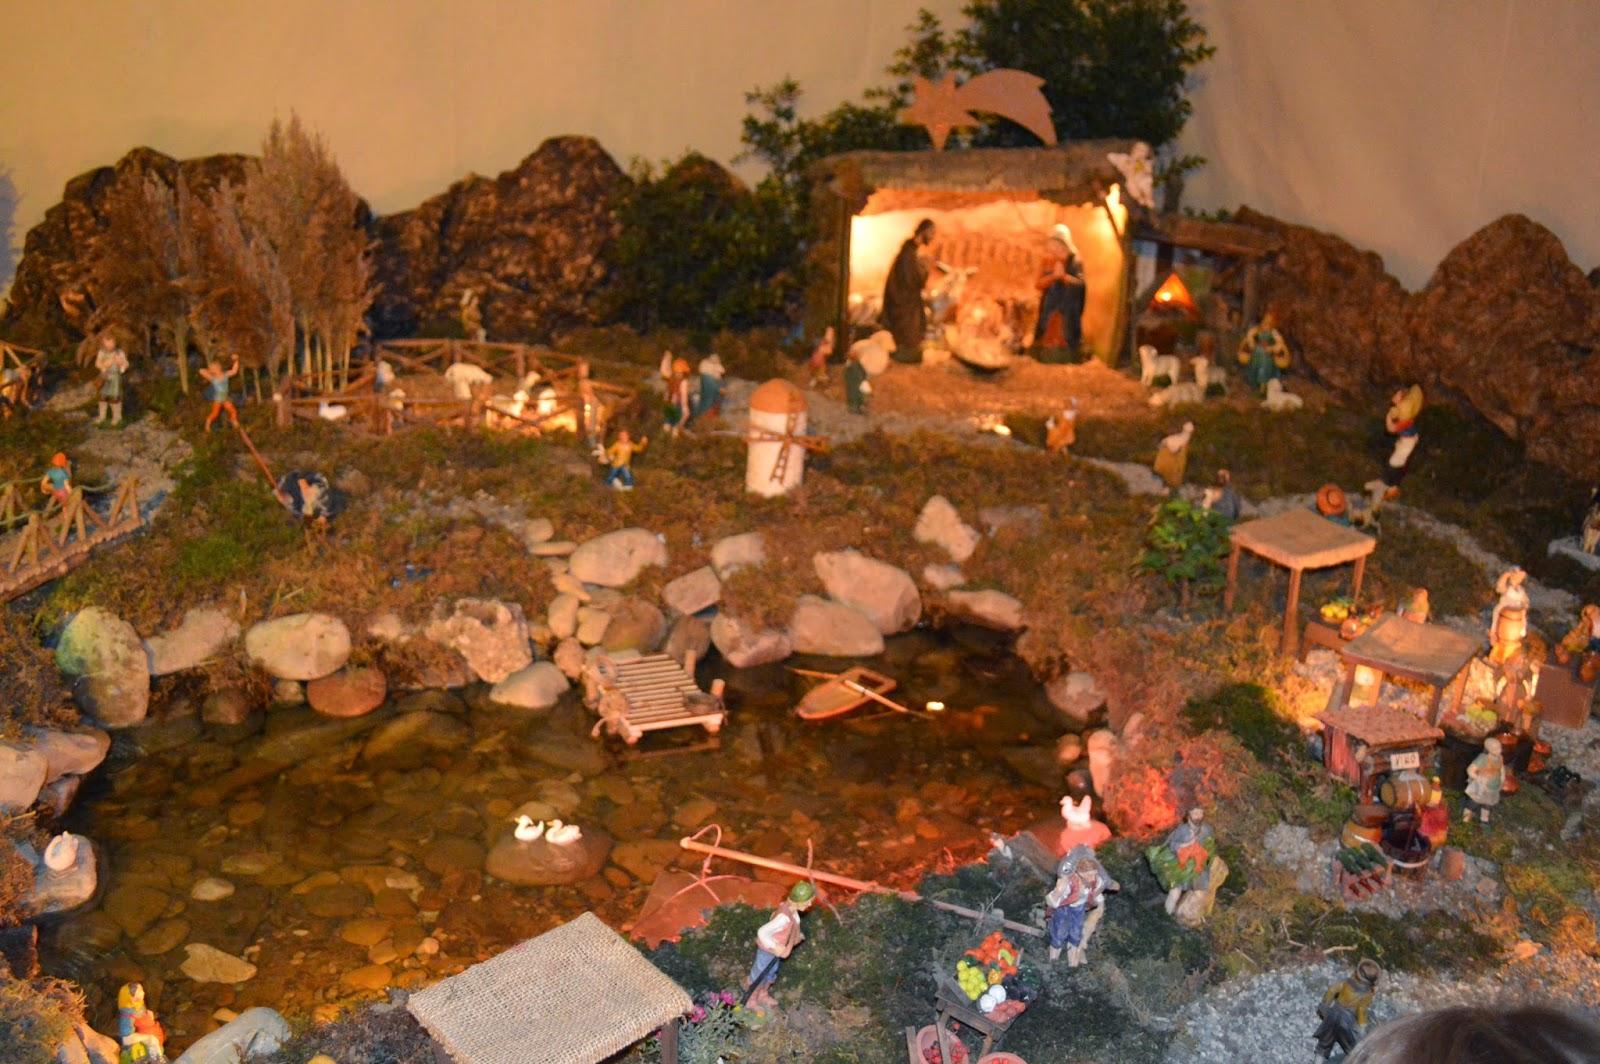 Terre di presepi presepe artistico di montopoli pi - Presepi fatti in casa ...